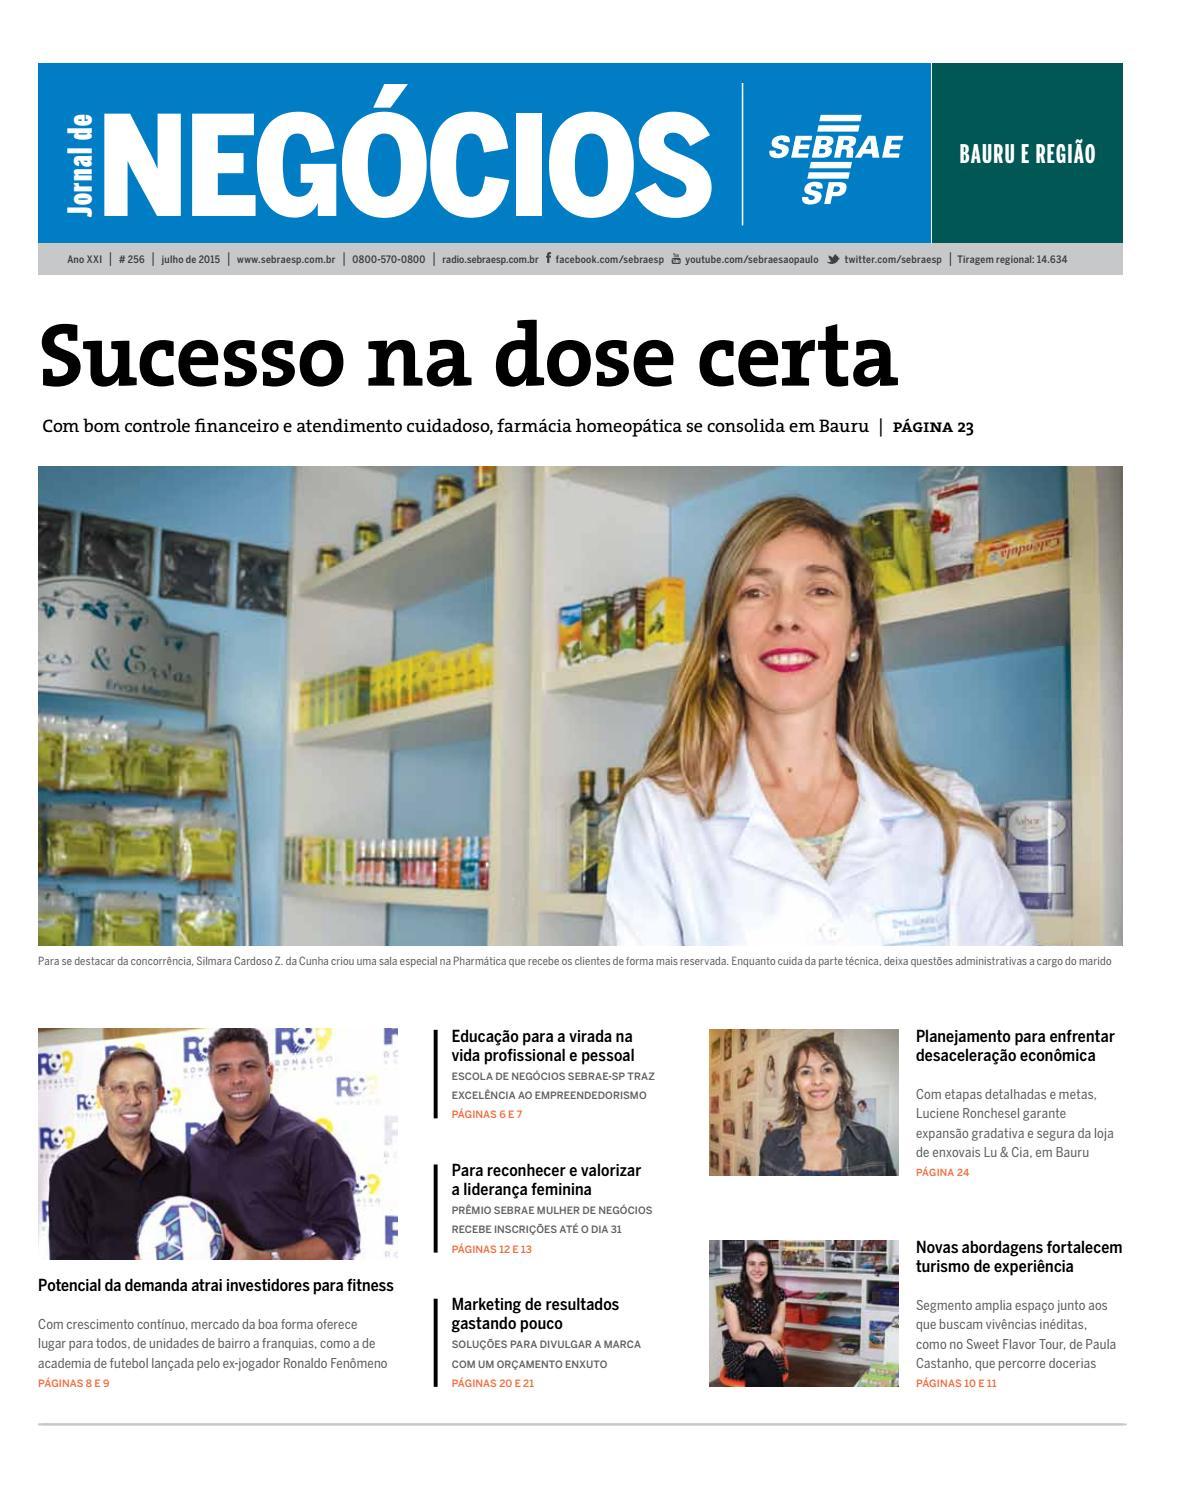 Jornal de Negócios Sebrae-SP - Julho de 2015 - Bauru e região by Sebrae-SP  - issuu beaa2a0b84ac6